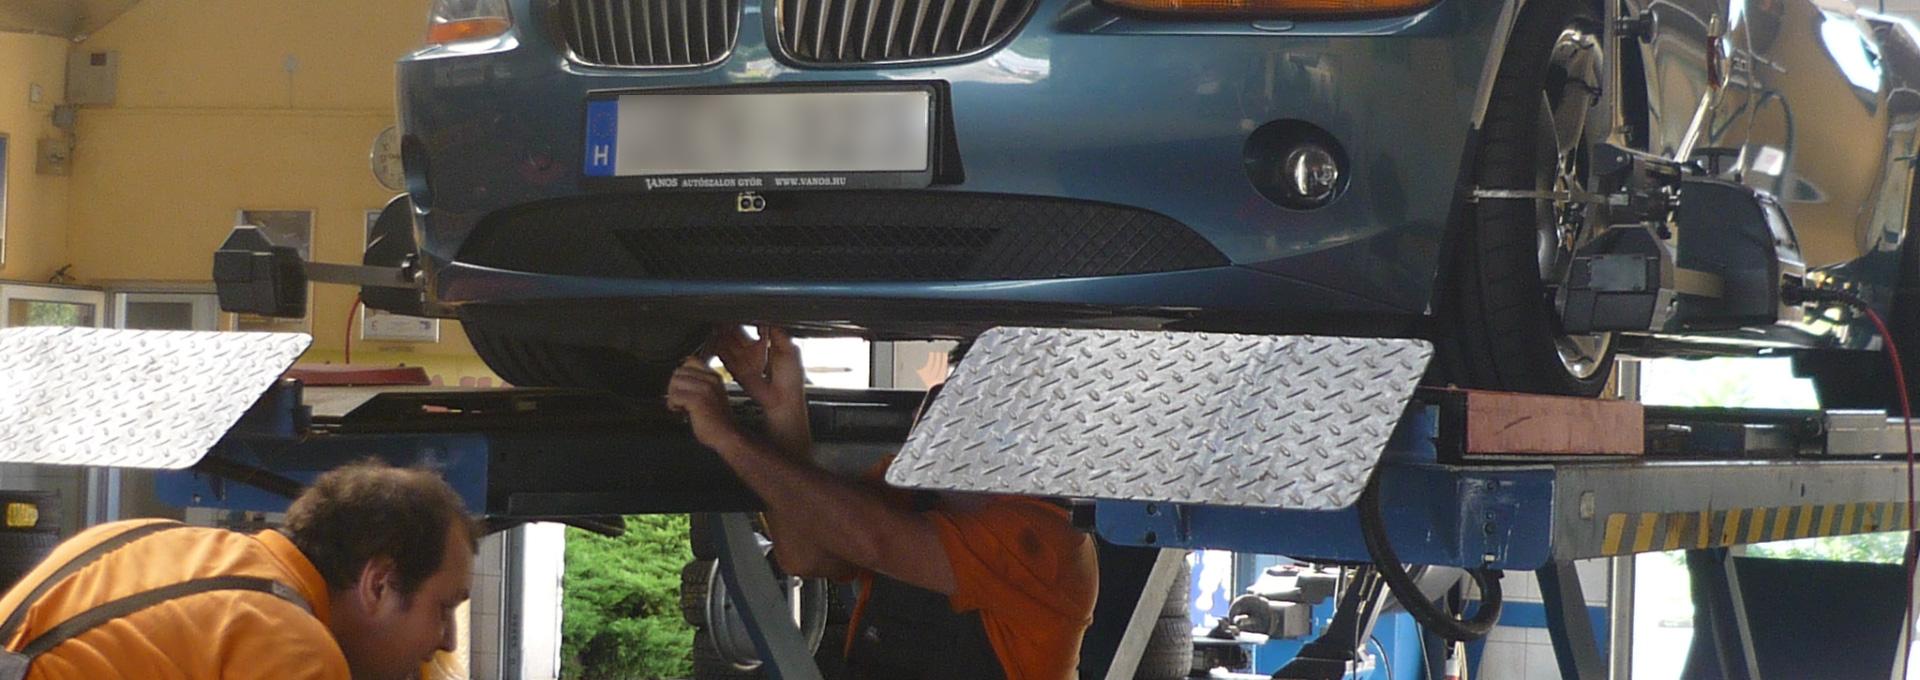 Rolling-Trade autószerviz műhely